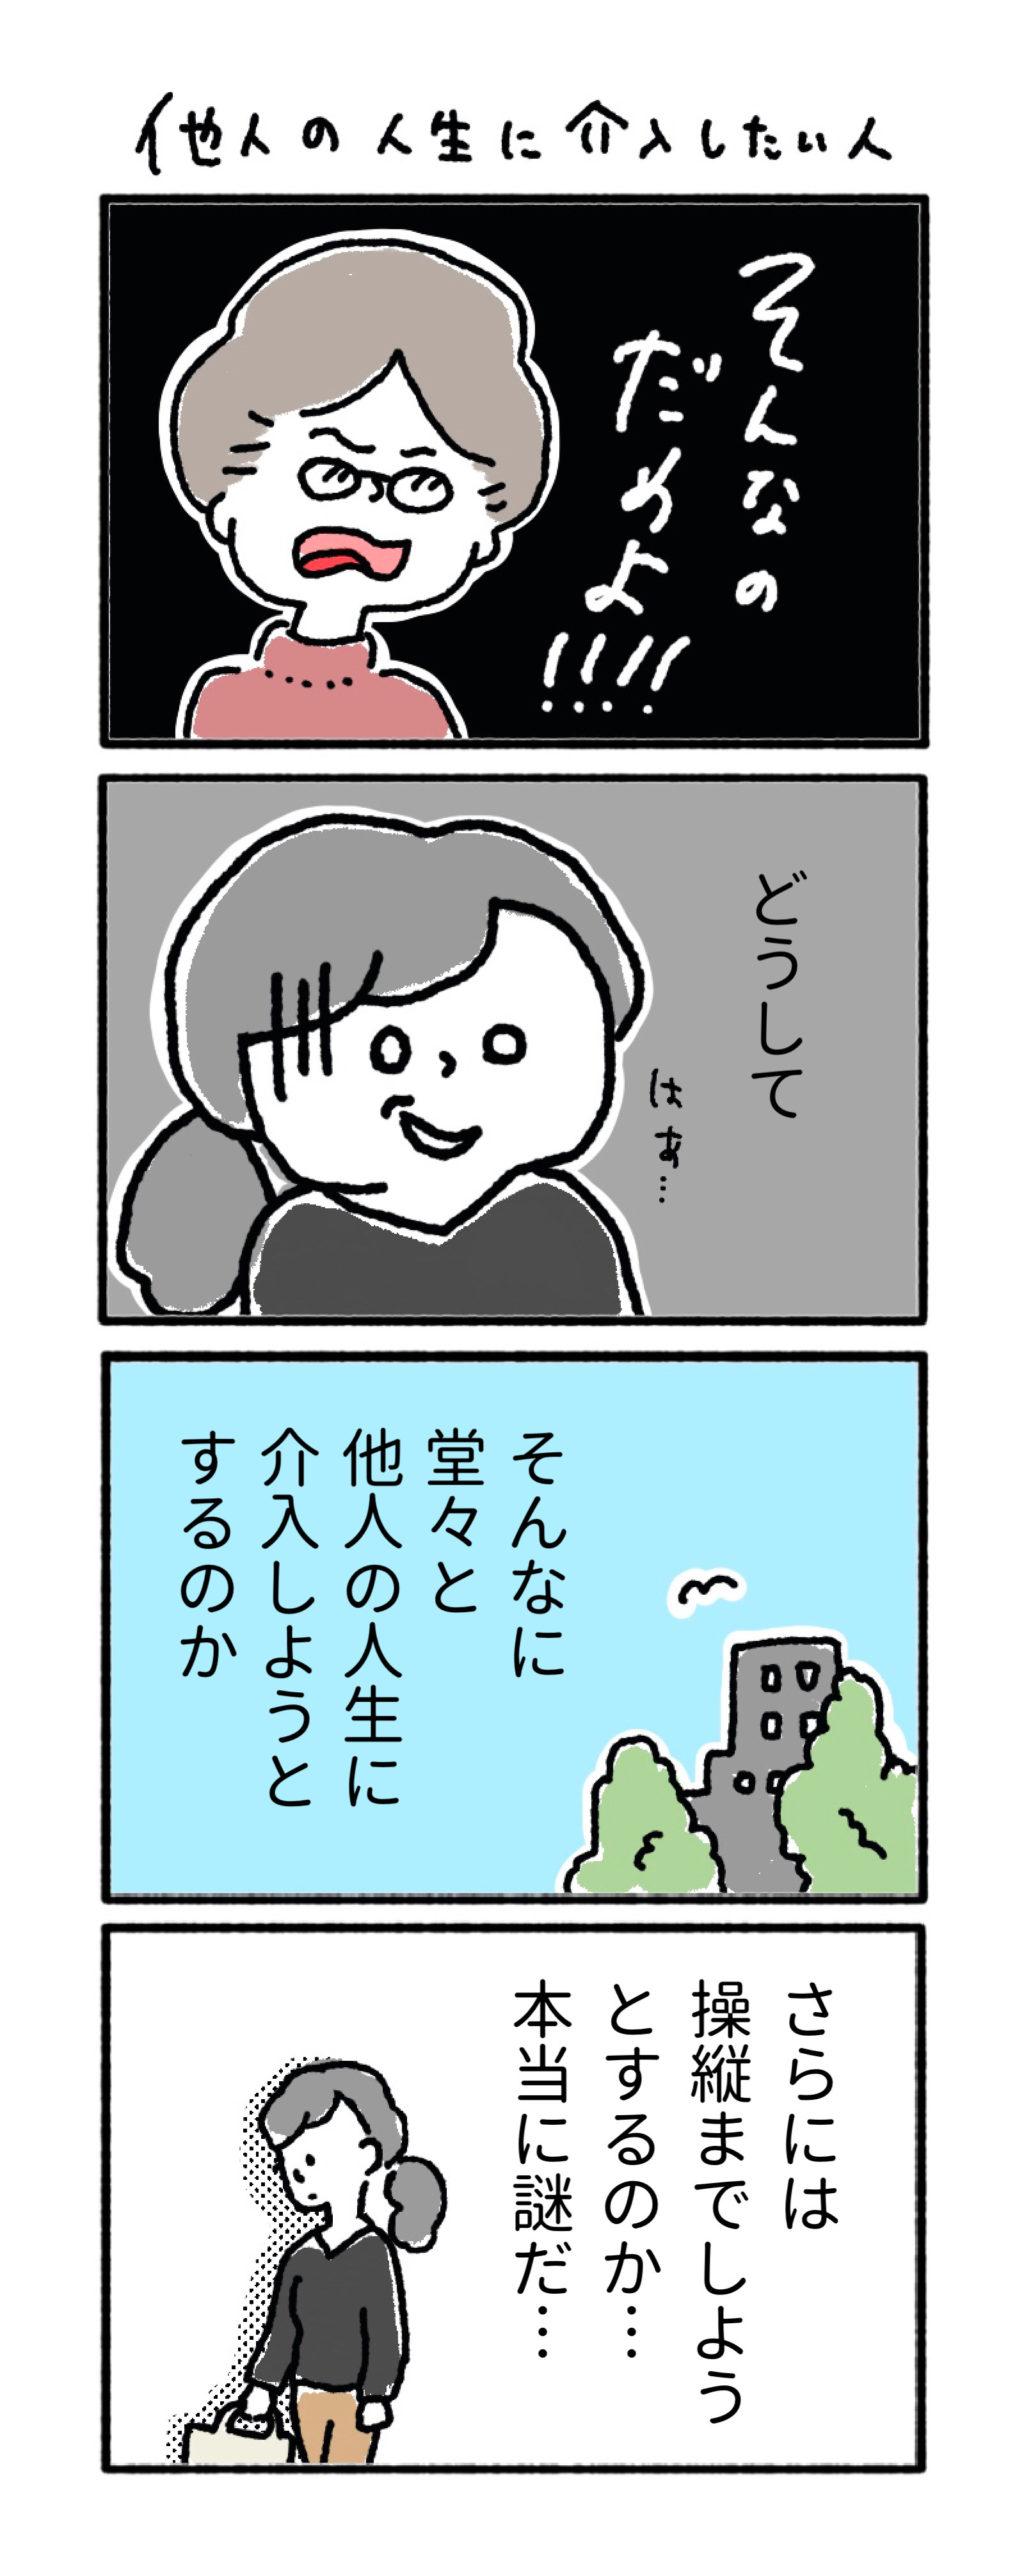 そんなに人の人生に介入したい? イラスト 漫画 四コママンガ 4こま いらすと かわいい アラサー 女子